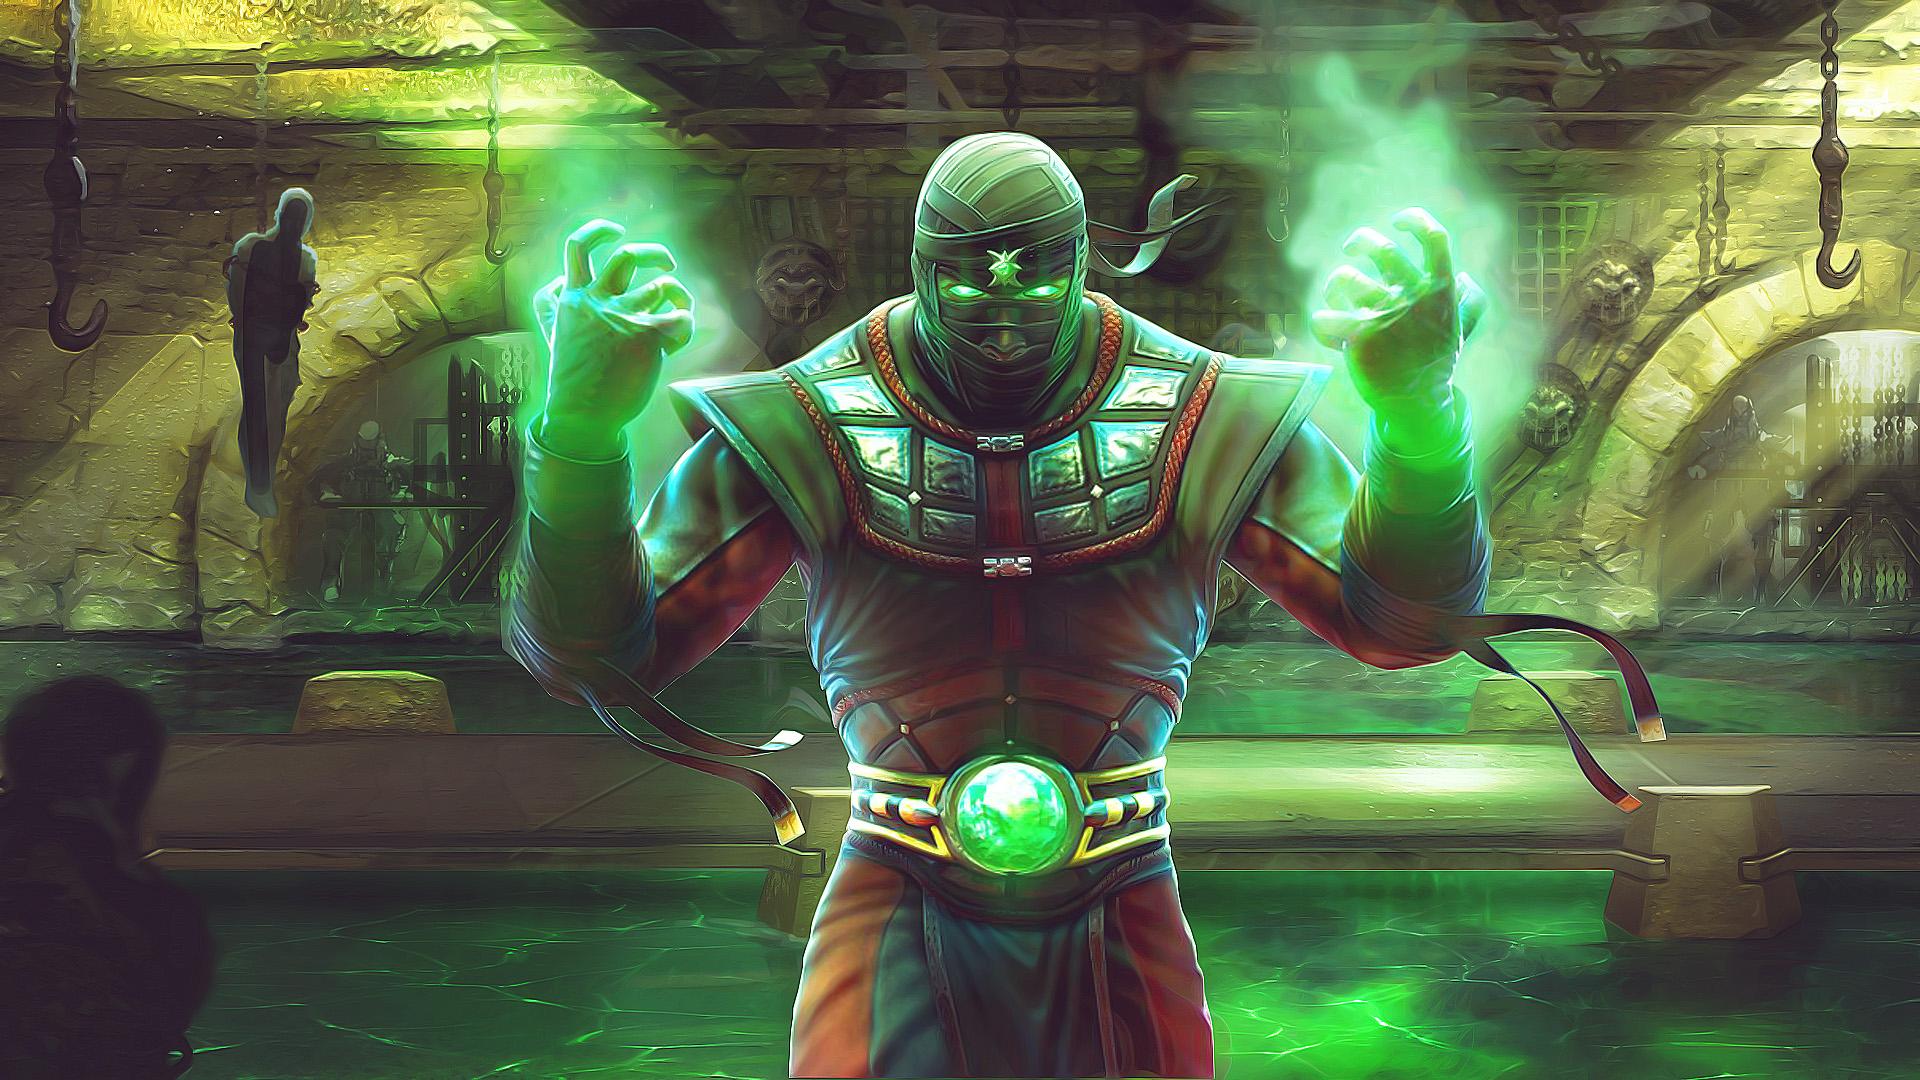 mortal kombat x reignites the glowing green eyes of ermac